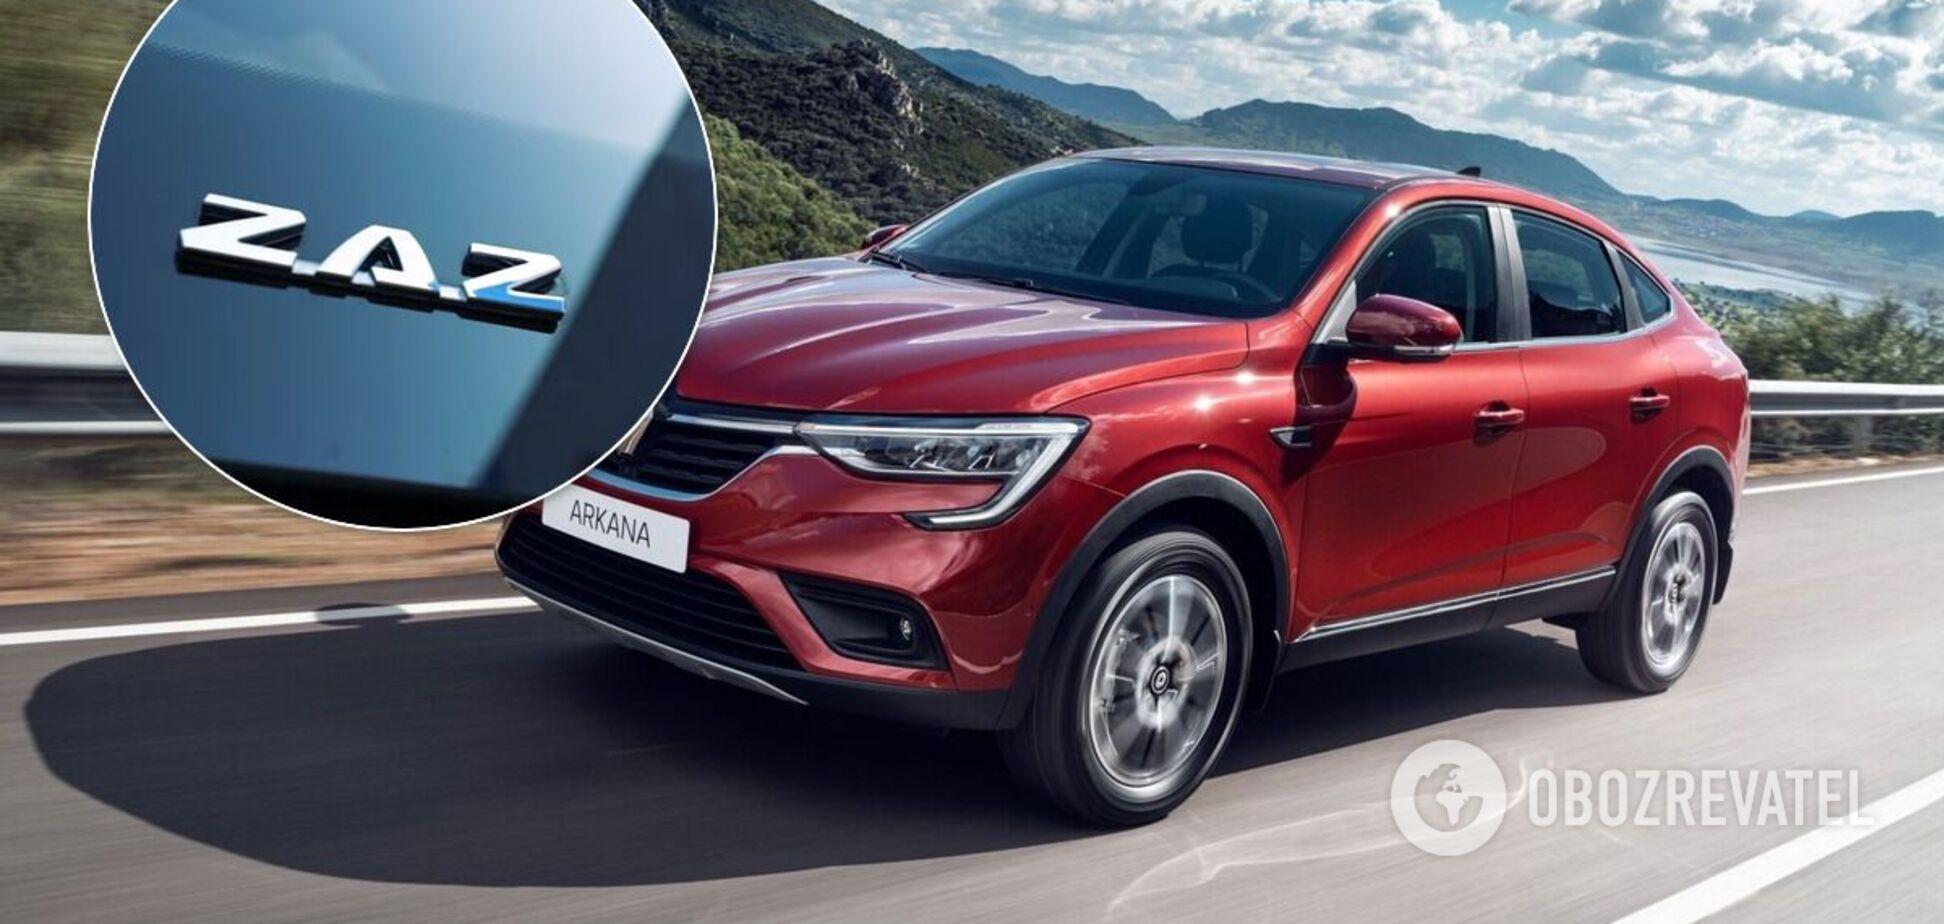 ЗАЗ може припинити випуск легкових авто до кінця 2020 року